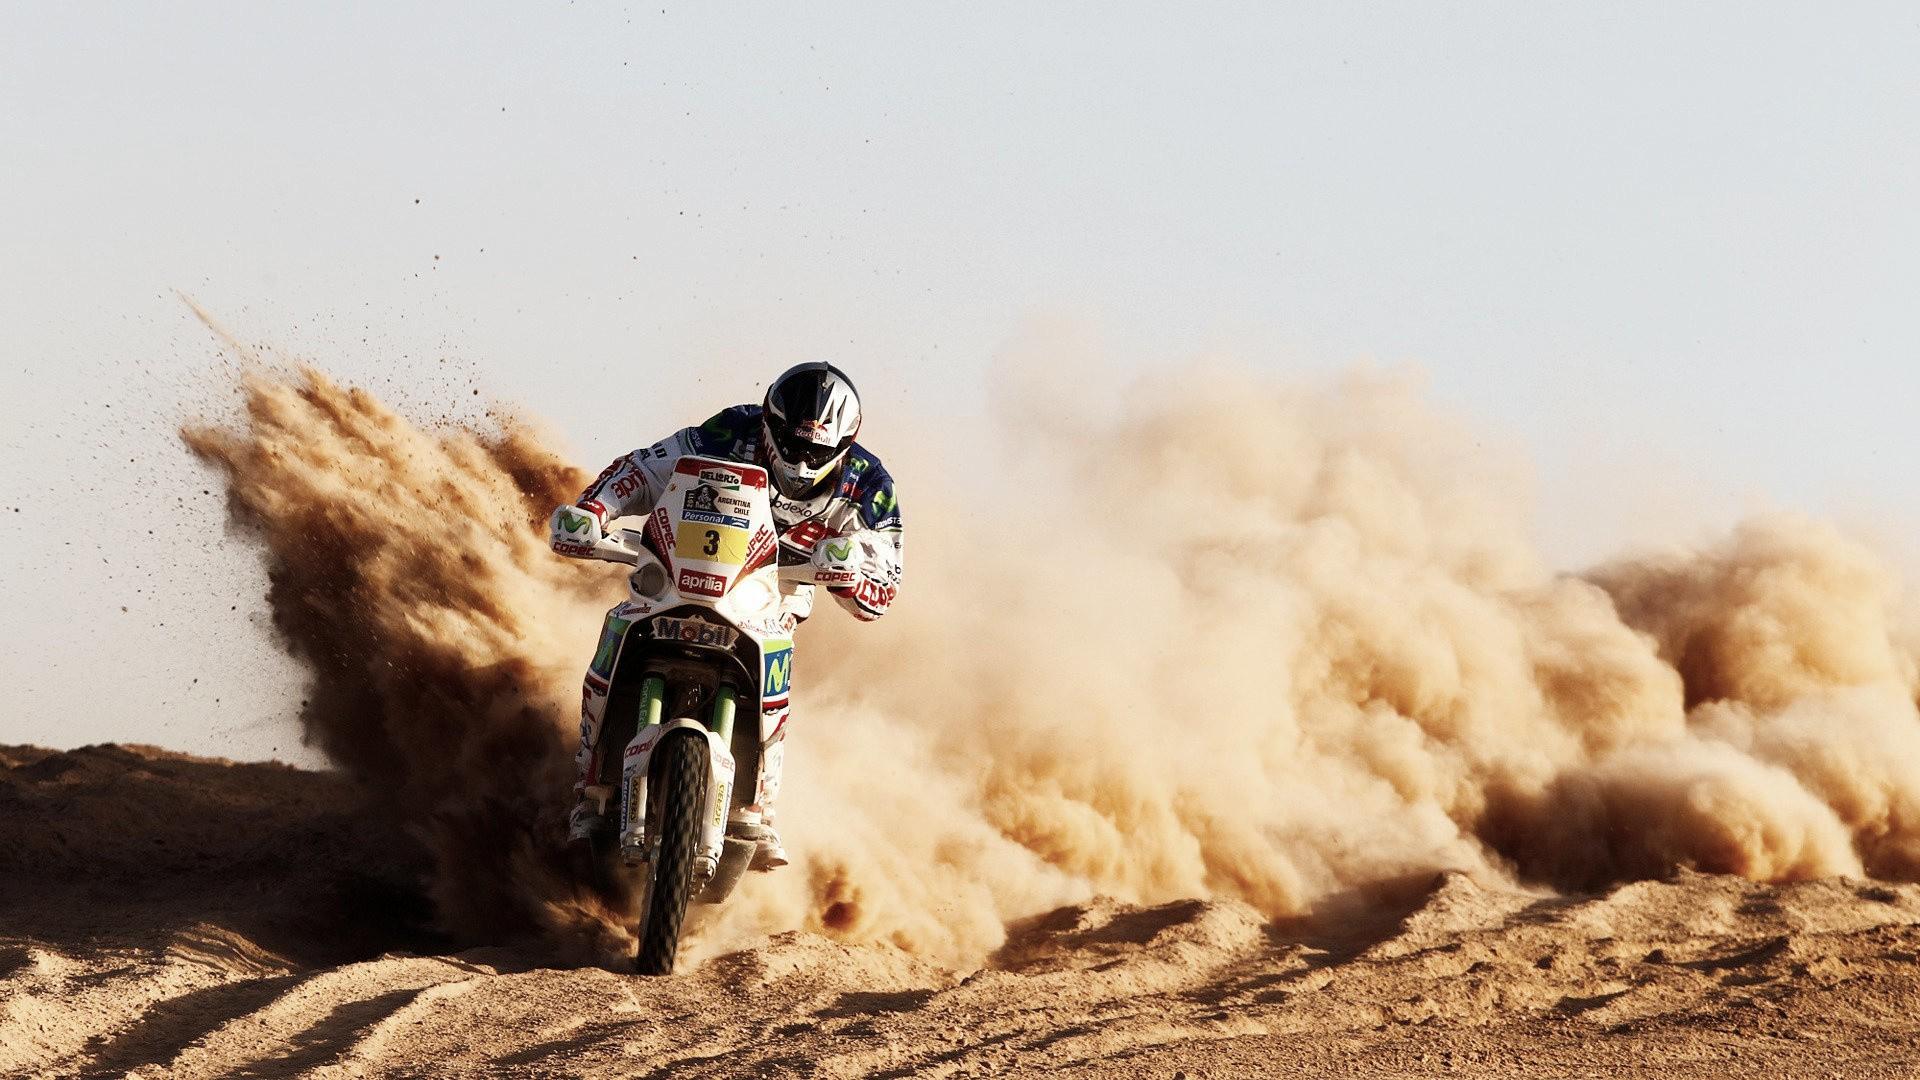 デスクトップ壁紙 砂 車両 泥 モータースポーツ 土壌